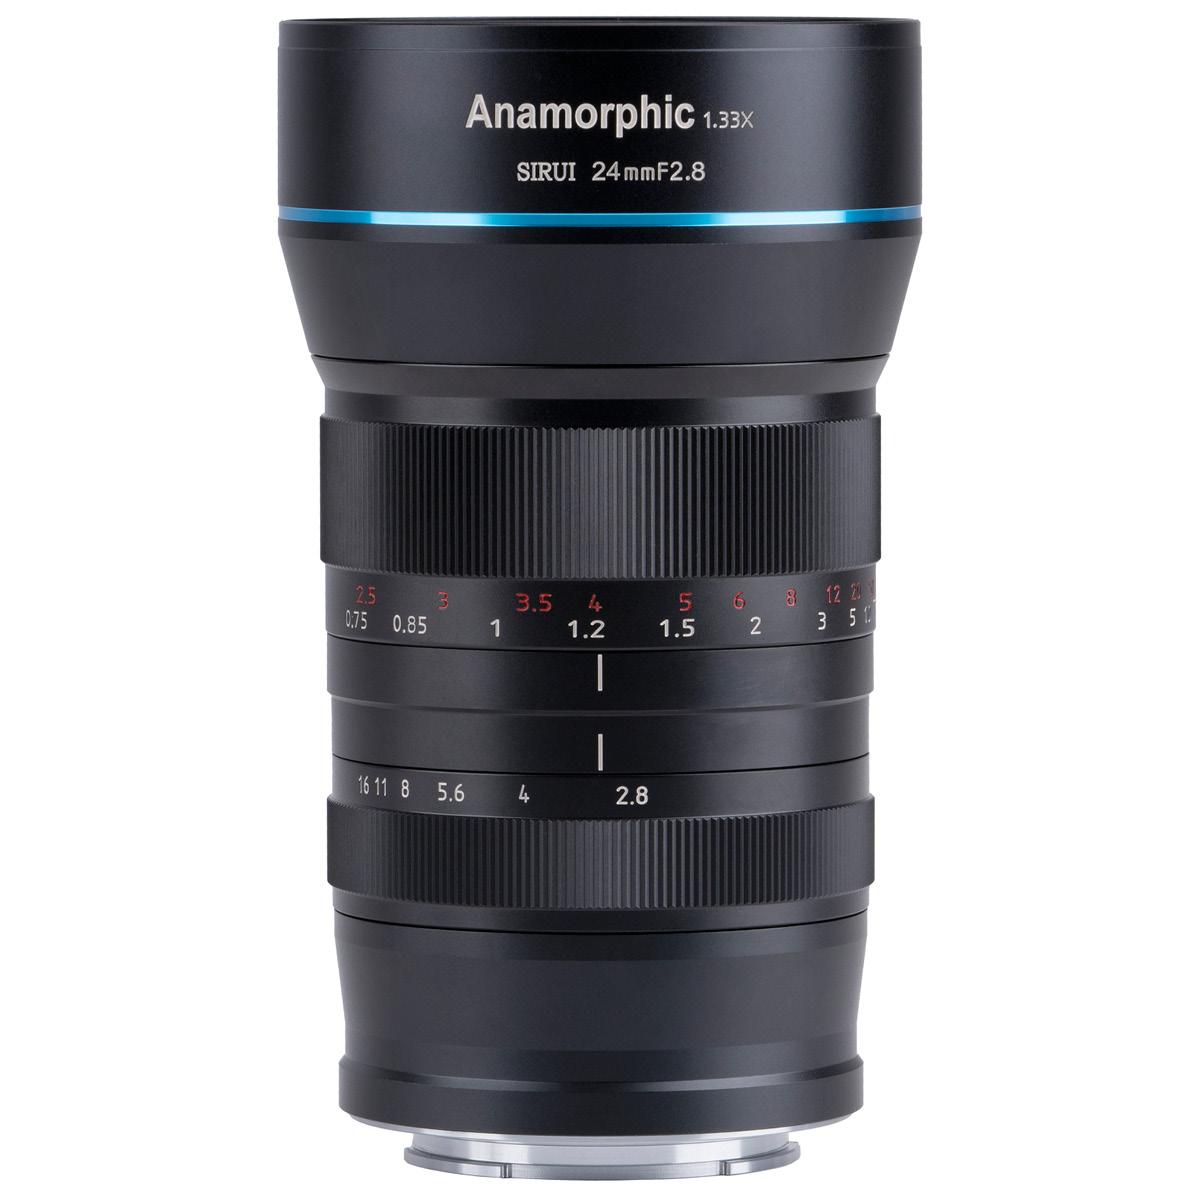 Sirui 24 mm 1:2,8 Anamorph 1,33x für Canon EF-M